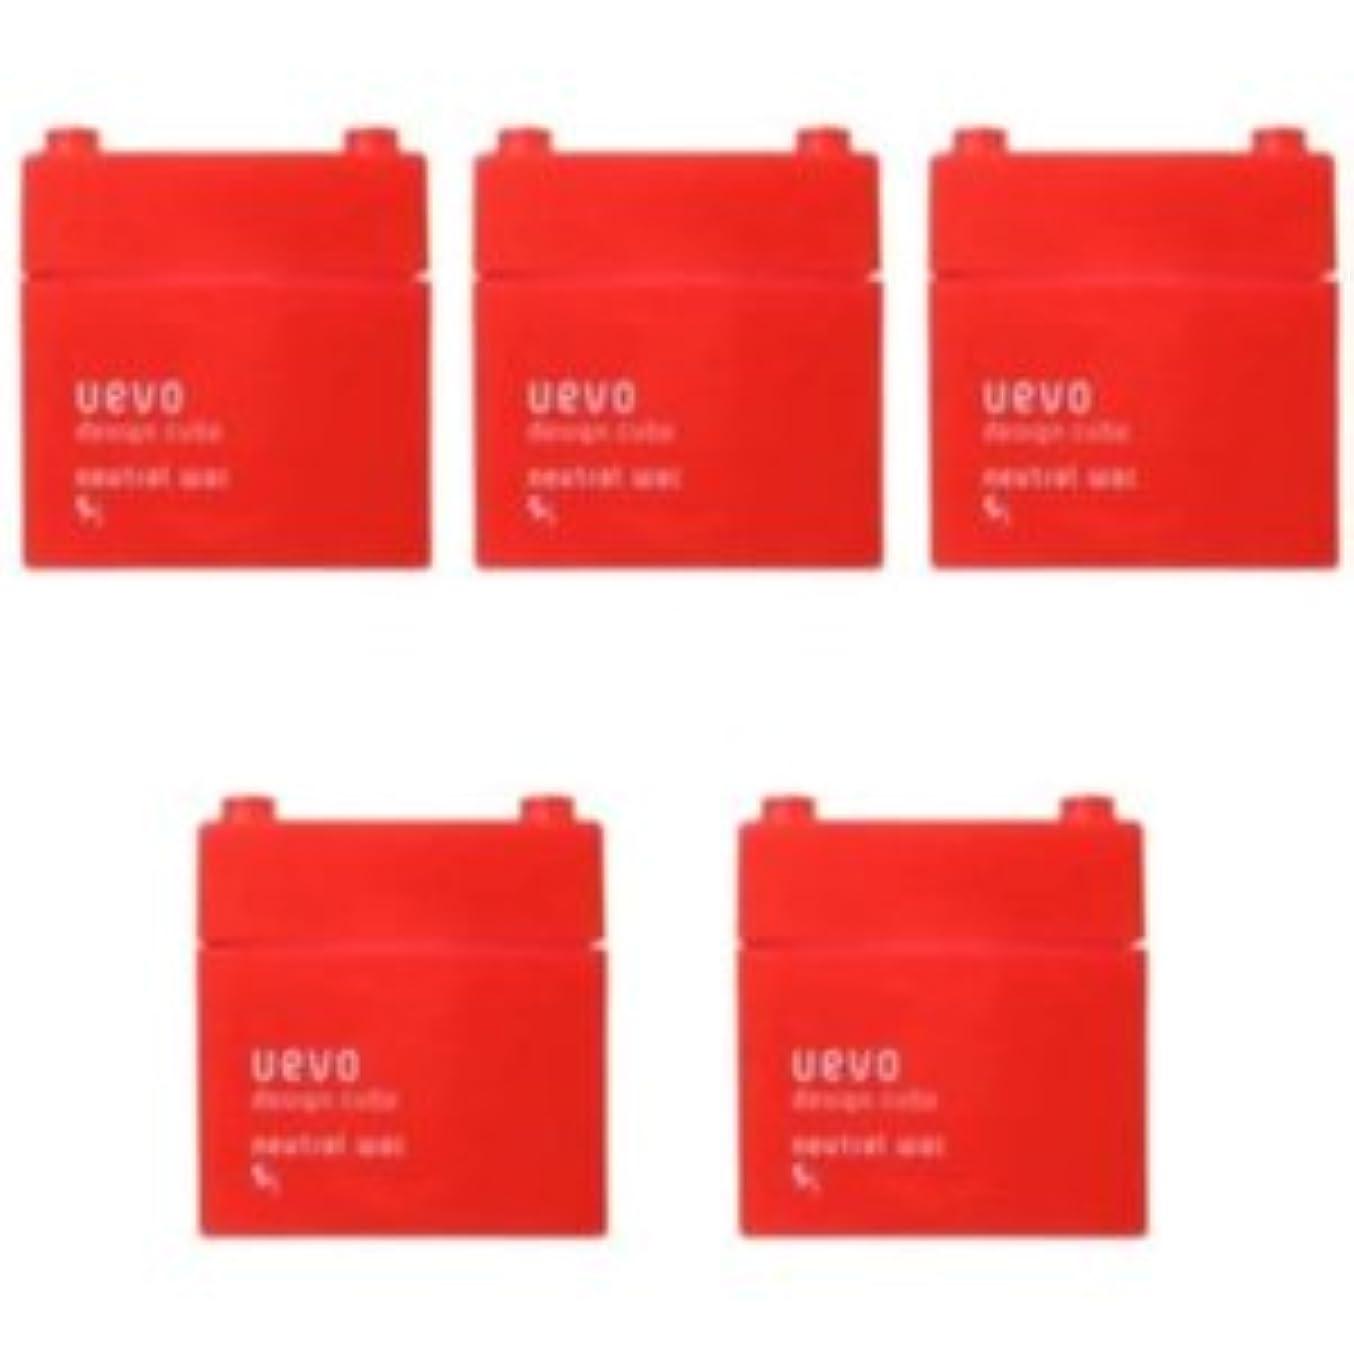 再発する香ばしいシネマ【X5個セット】 デミ ウェーボ デザインキューブ ニュートラルワックス 80g neutral wax DEMI uevo design cube